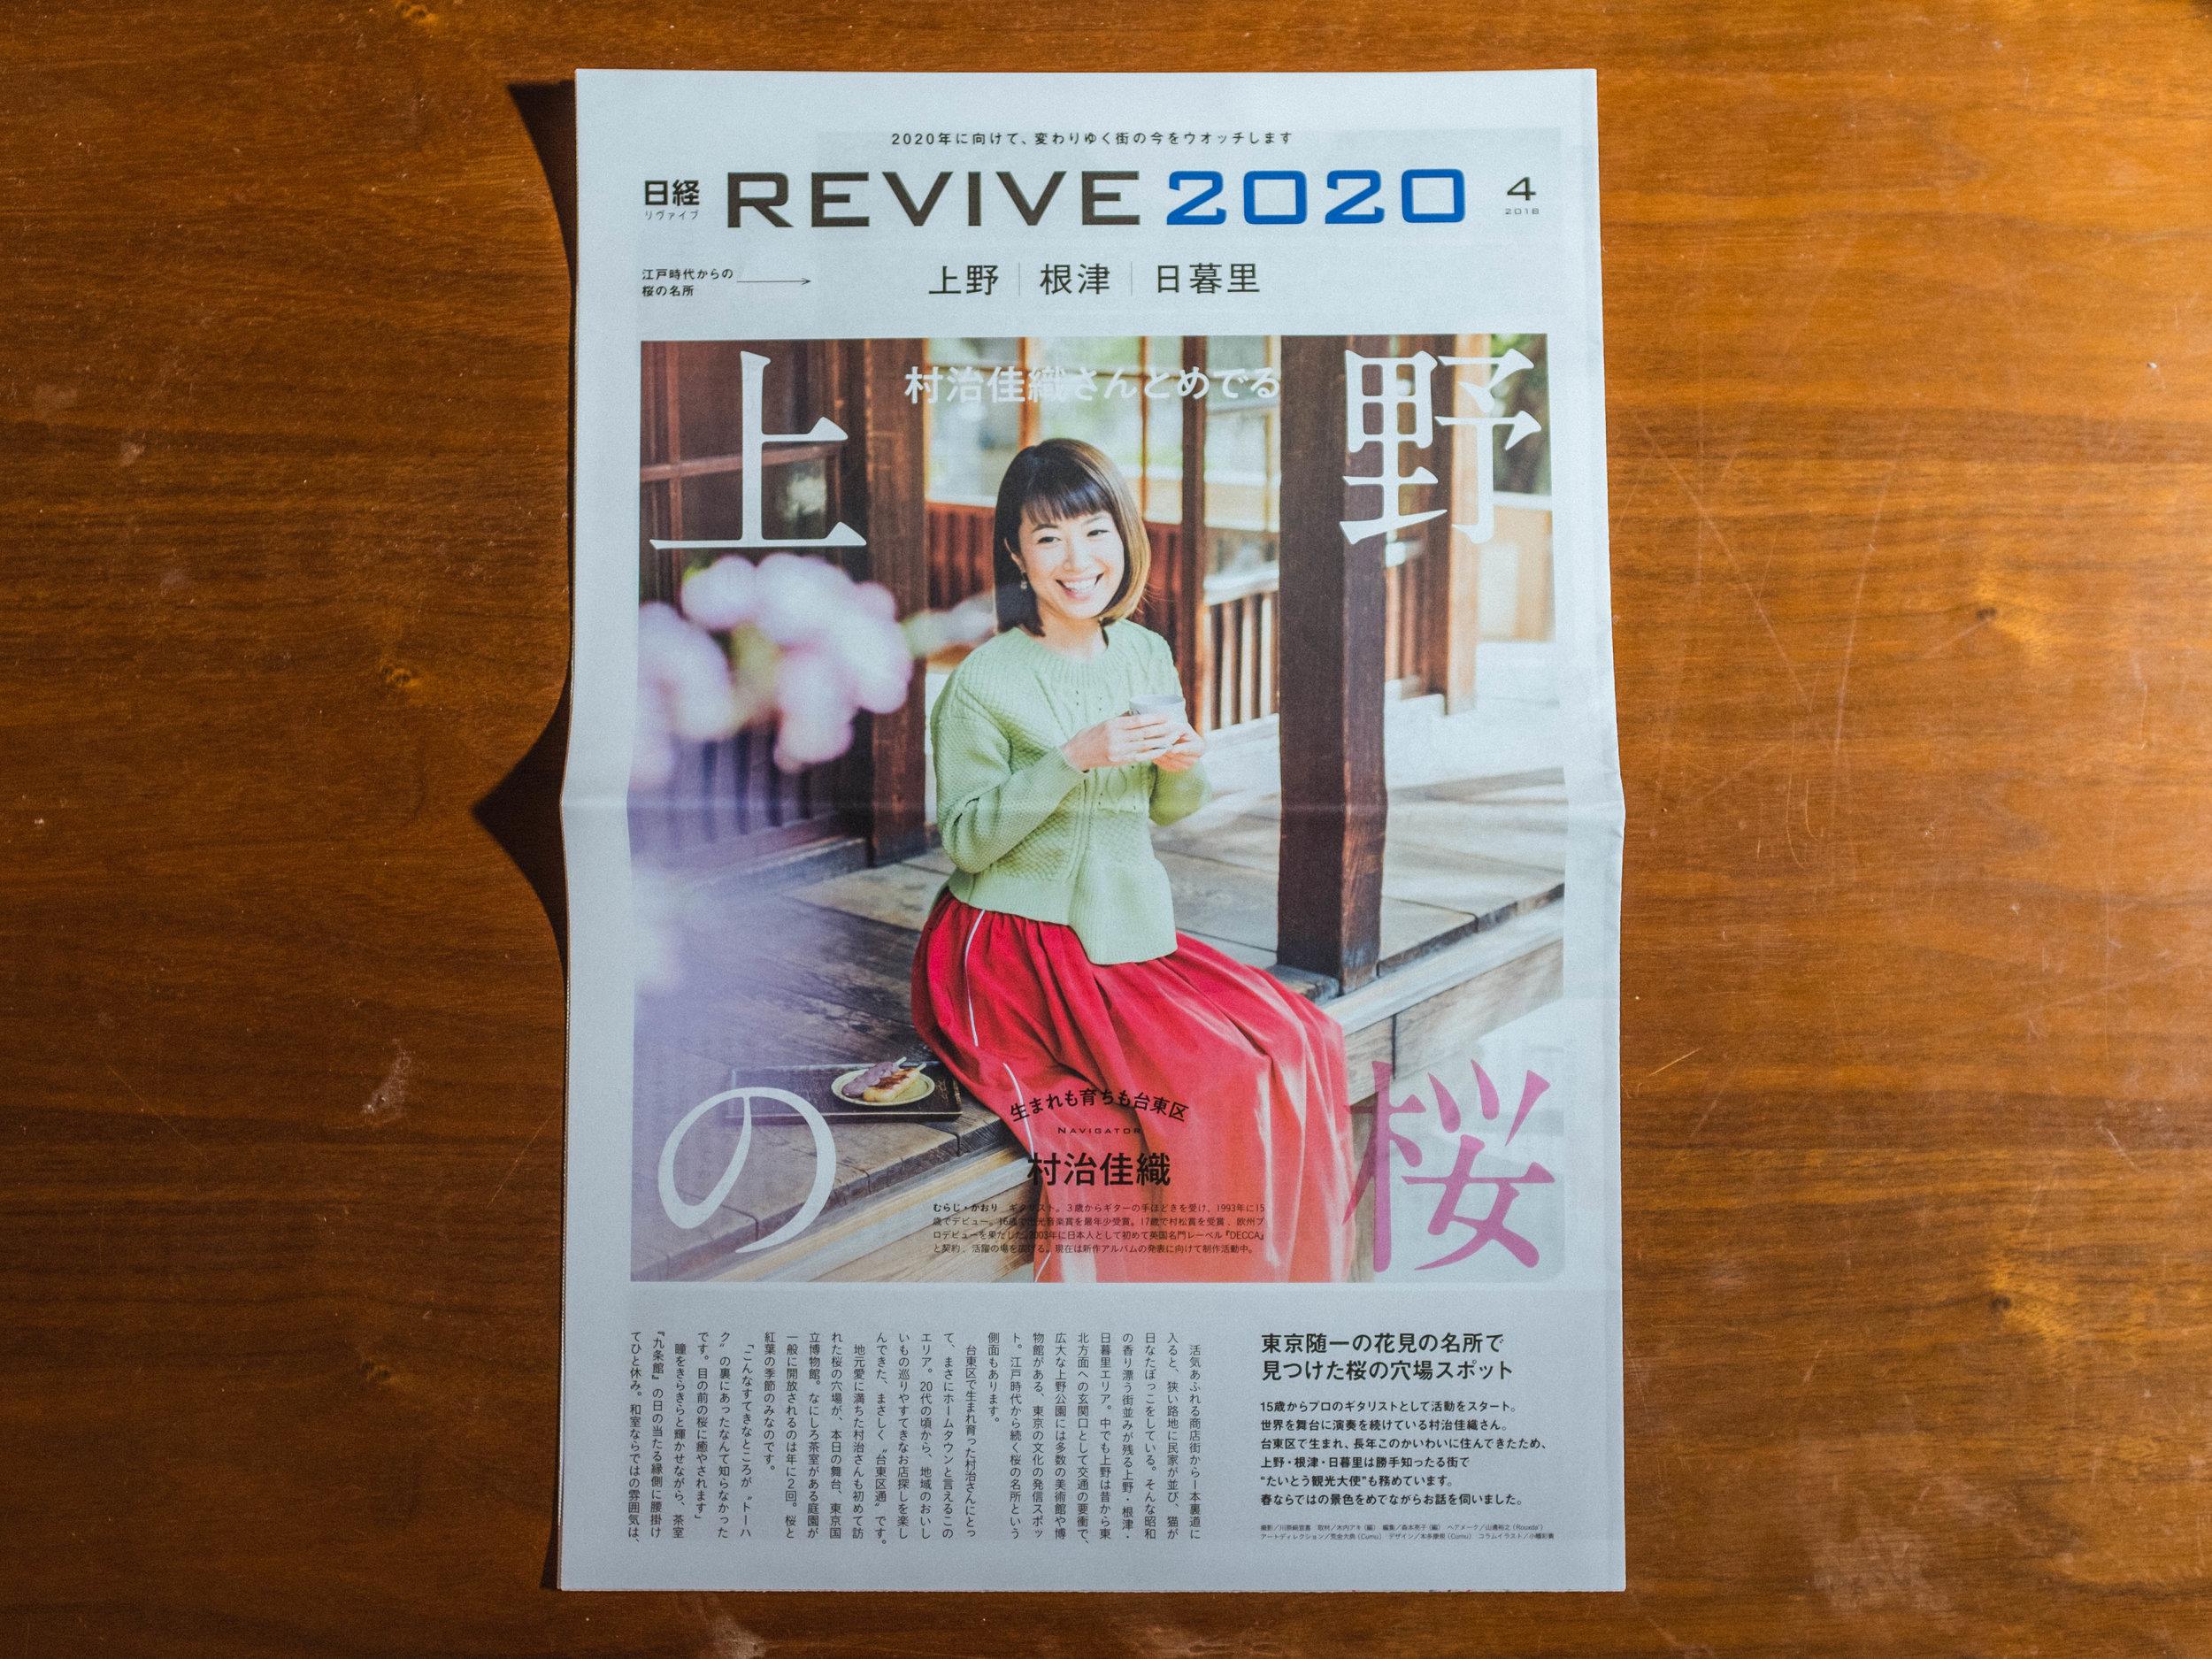 日経REVIVE2020,4月号表紙、中ページと撮影させていただいております。モデルはギタリストの村治佳織さんです。